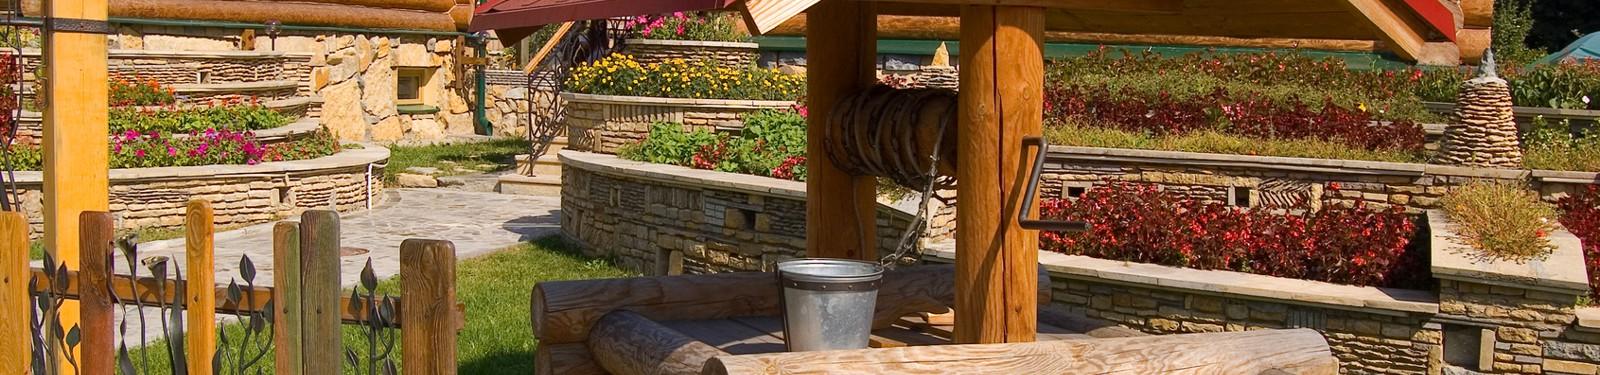 Wasseruntersuchungen Brunnenwasser